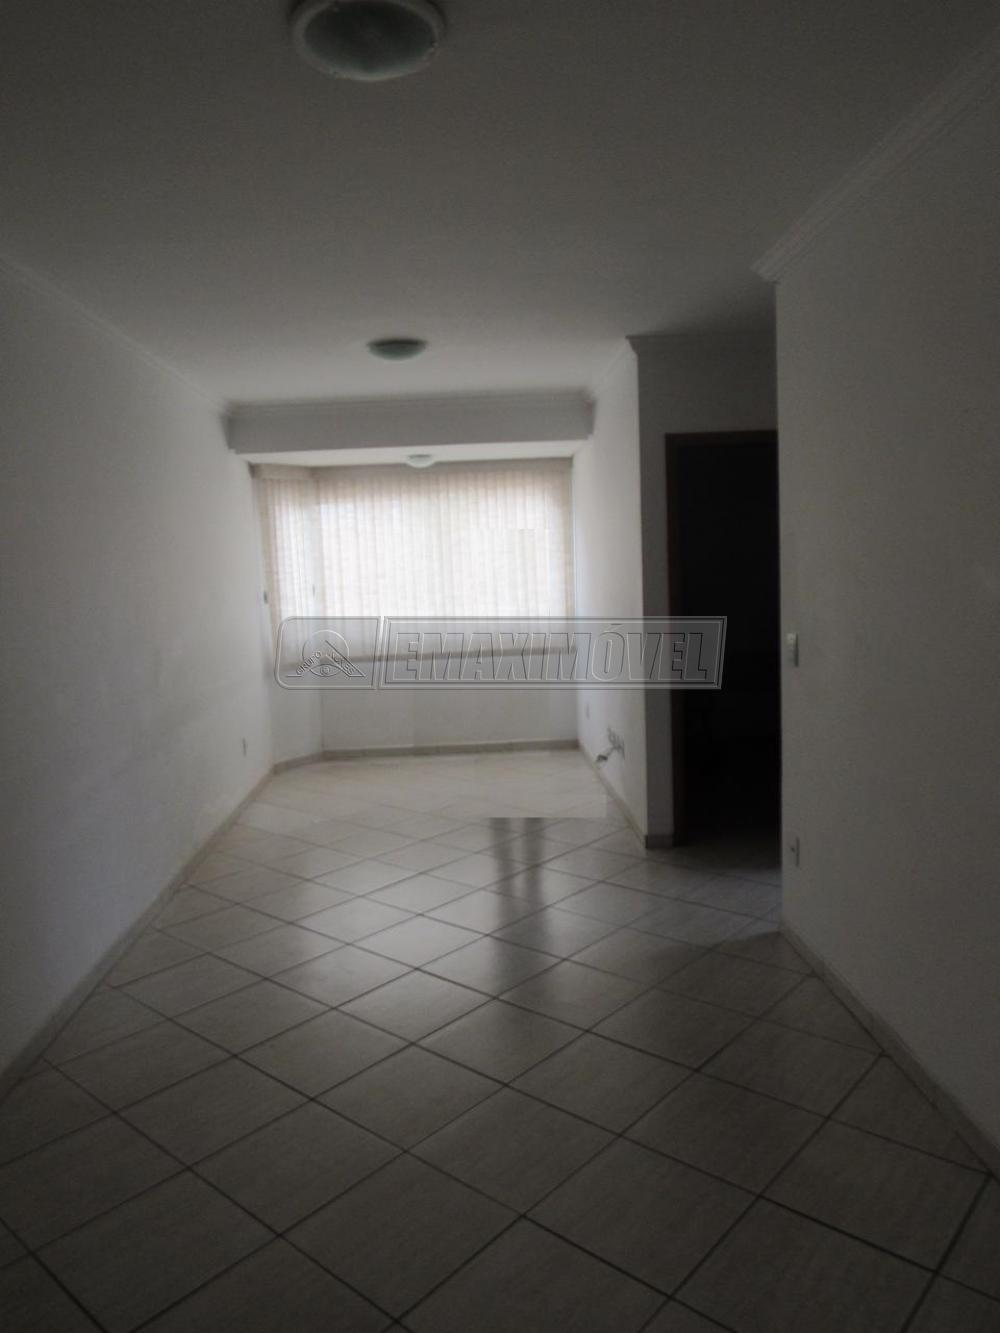 Comprar Apartamento / Padrão em Sorocaba R$ 255.000,00 - Foto 3